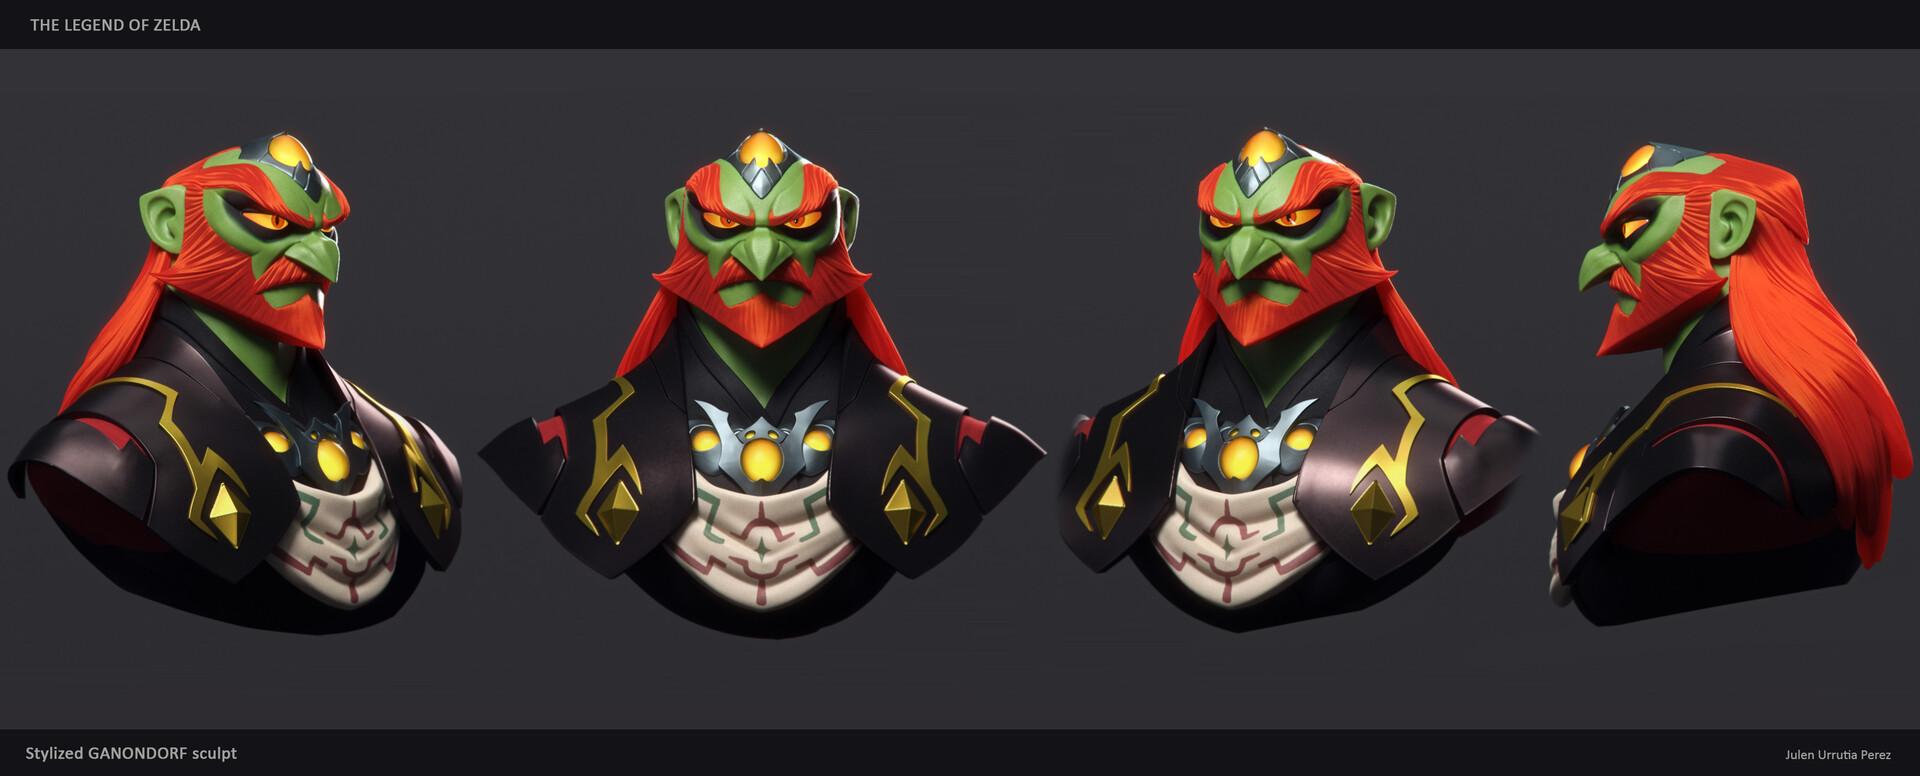 Zelda Skin Fortnite Fortnite Asi Se Verian Kratos Snake Y Ganondorf Como Skins Del Battle Royale Levelup